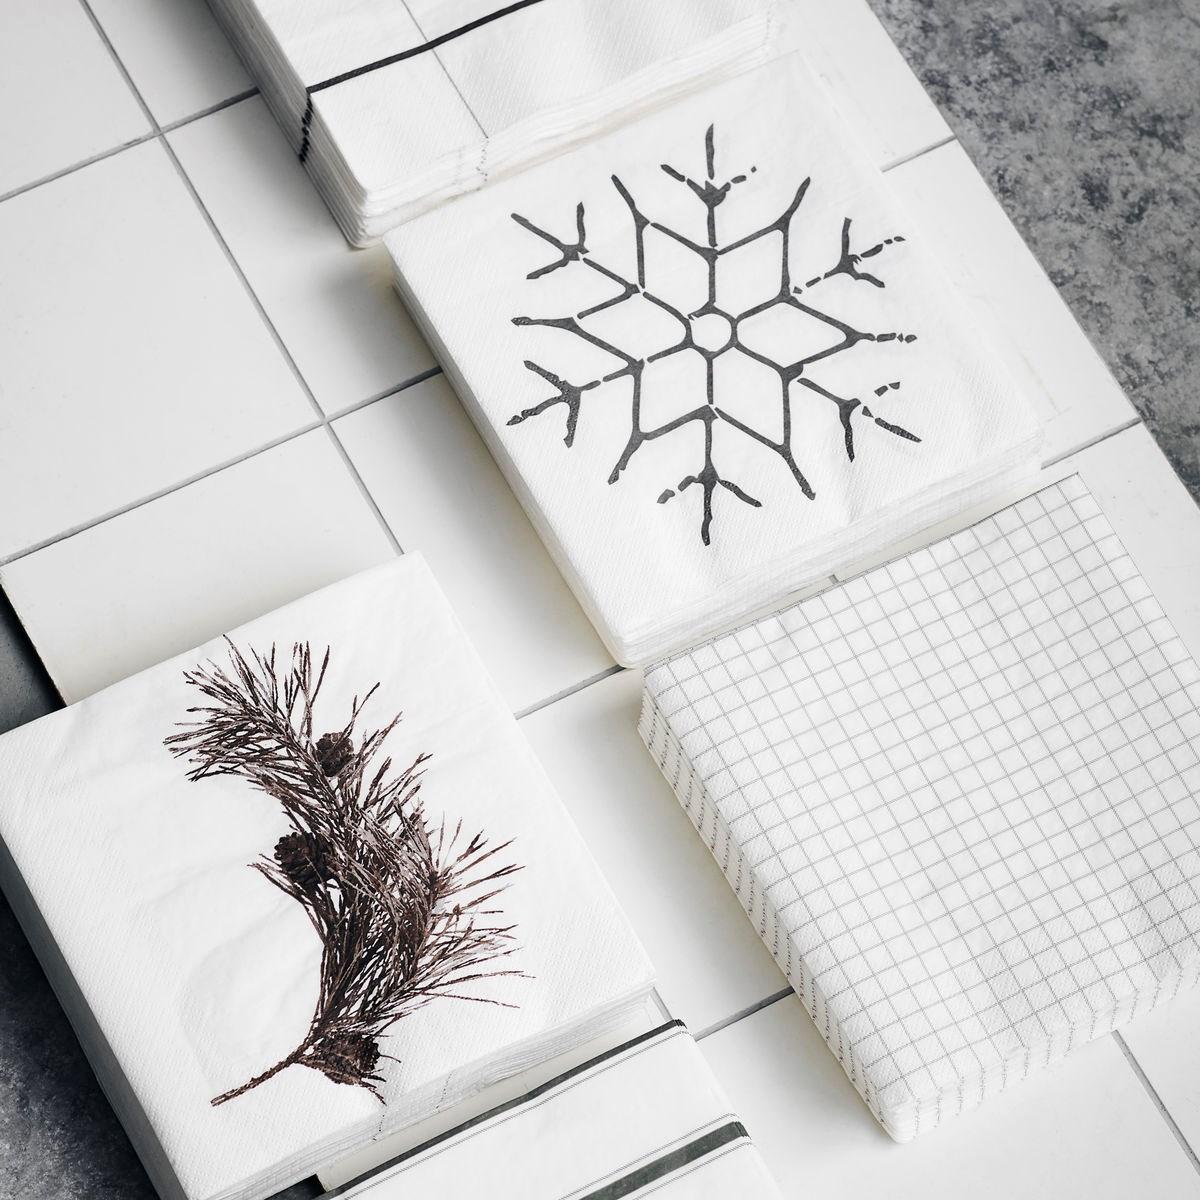 Ubrousky SNOWFLAKE černá SET/40 ks_3